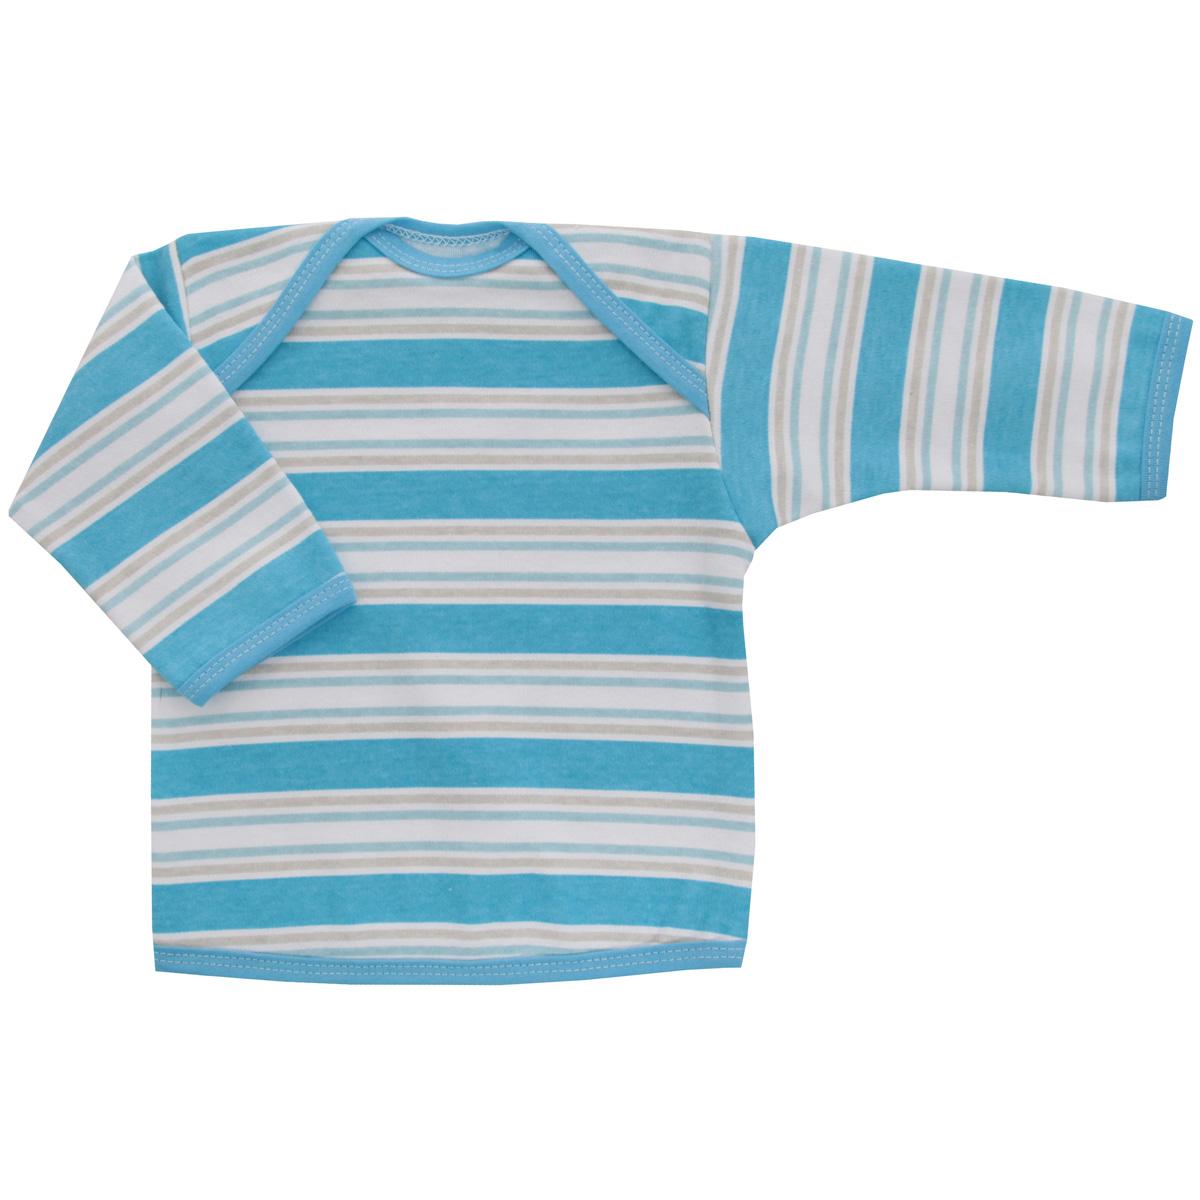 Футболка с длинным рукавом детская Трон-плюс, цвет: голубой, белый. 5611_полоска. Размер 80, 12 месяцев5611_полоскаУдобная детская футболка Трон-плюс с длинными рукавами послужит идеальным дополнением к гардеробу вашего ребенка, обеспечивая ему наибольший комфорт. Изготовленная из интерлока - натурального хлопка, она необычайно мягкая и легкая, не раздражает нежную кожу ребенка и хорошо вентилируется, а эластичные швы приятны телу ребенка и не препятствуют его движениям. Удобные запахи на плечах помогают легко переодеть младенца. Горловина, низ модели и низ рукавов дополнены трикотажной бейкой. Спинка модели незначительно укорочена. Оформлено изделие принтом в полоску. Футболка полностью соответствует особенностям жизни ребенка в ранний период, не стесняя и не ограничивая его в движениях.